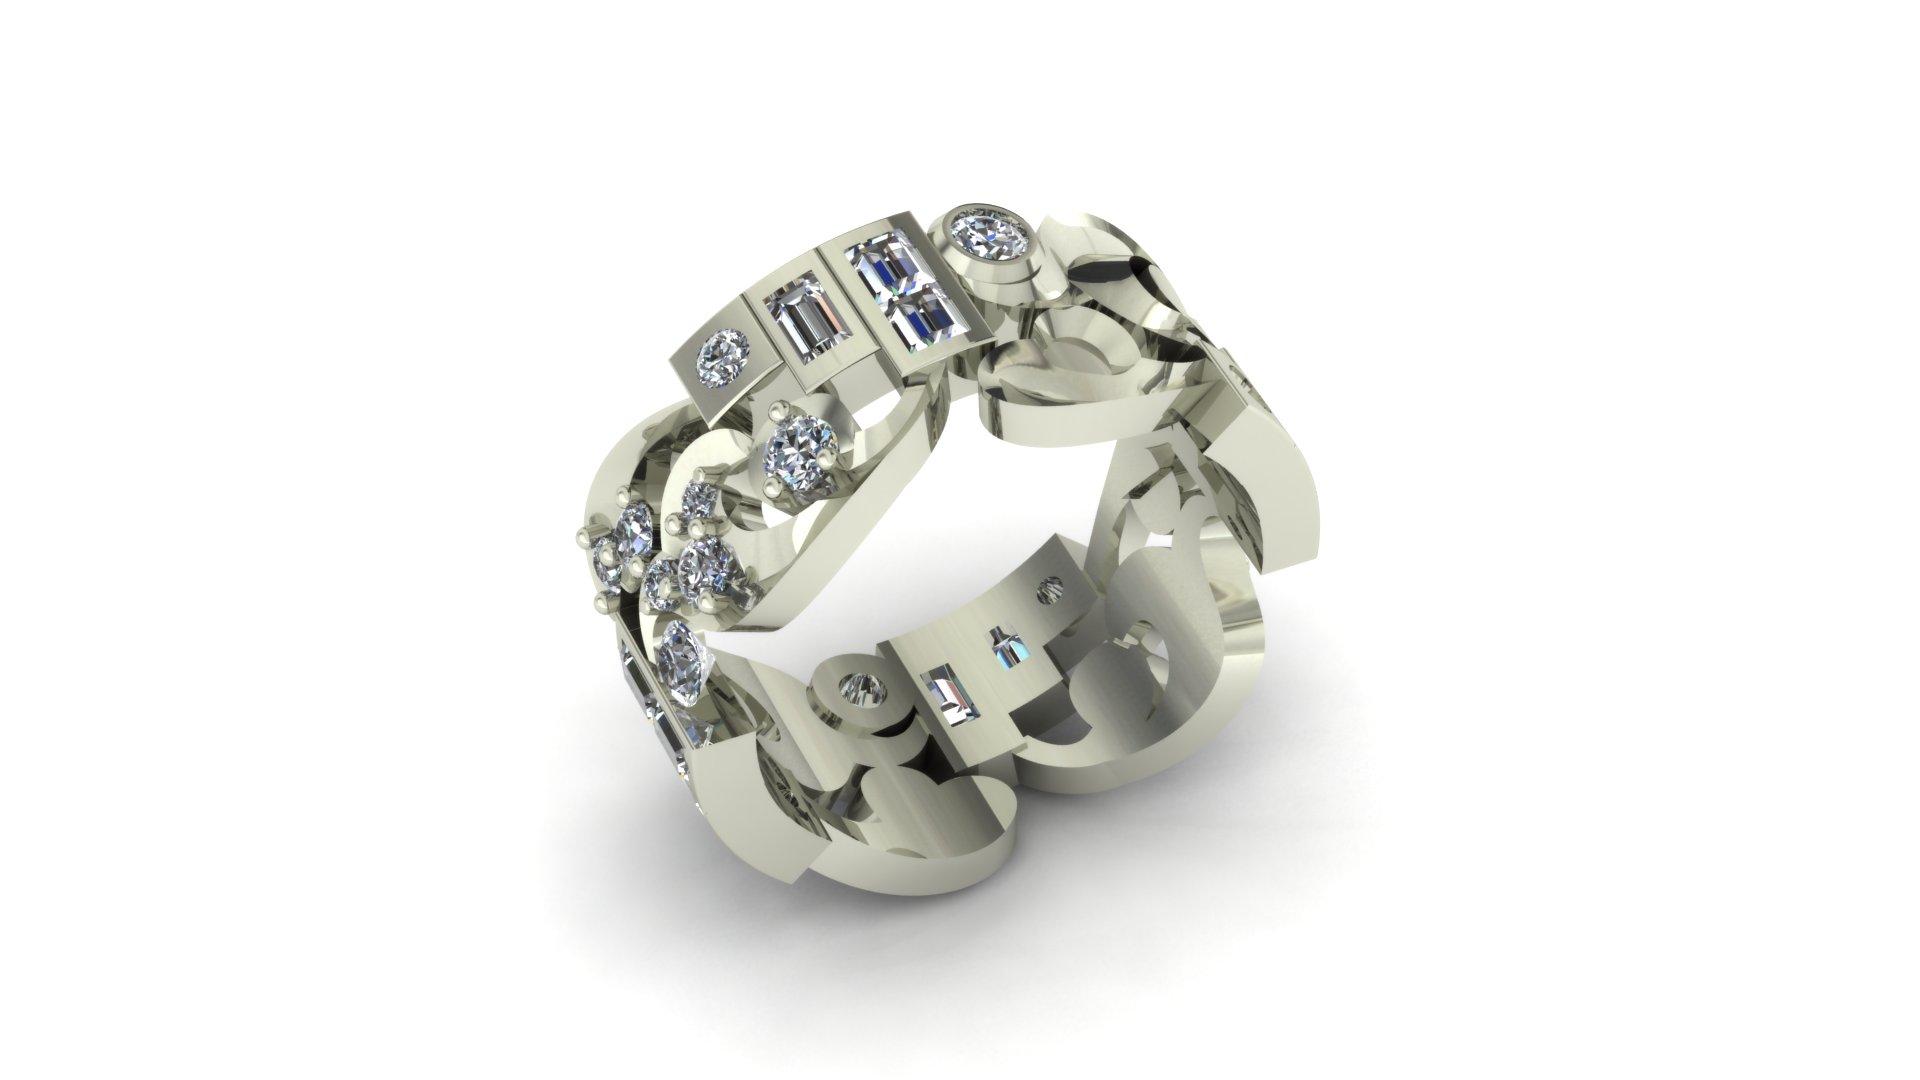 ARTSY WIDE WEDDING RING